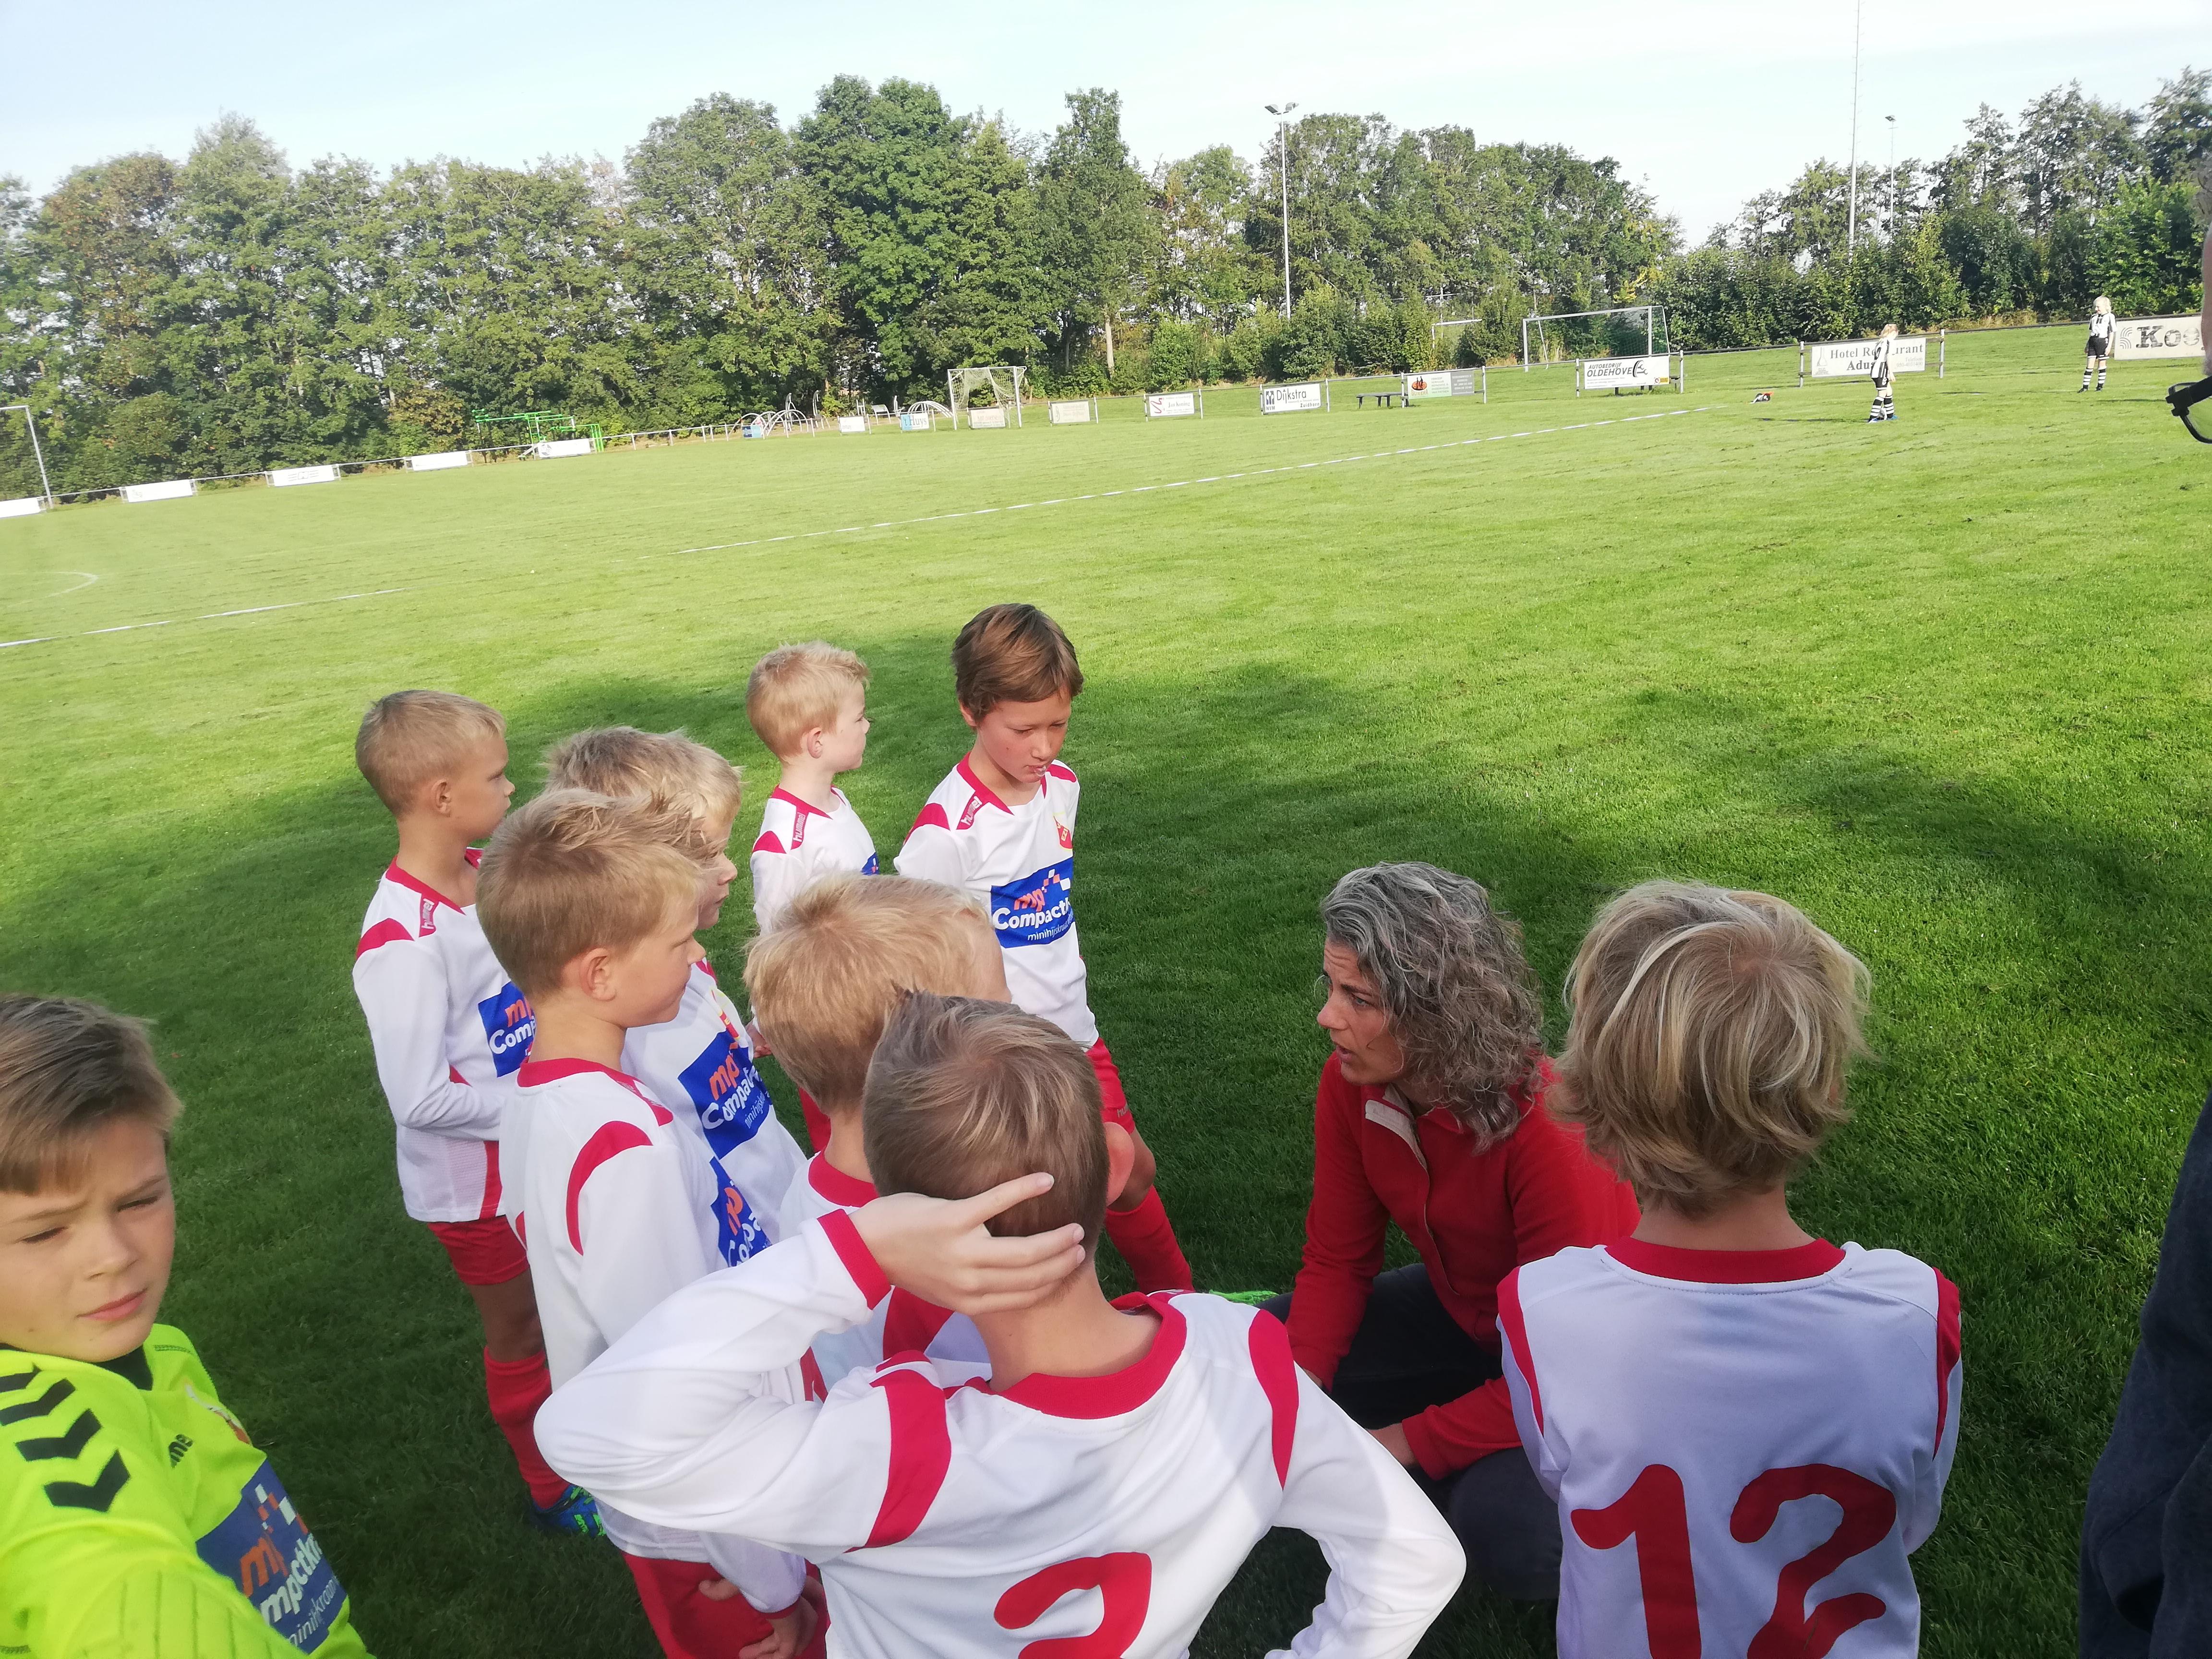 JO-9 luistert naar de laatste instructies van coach Mintsje voor de eerste competitiewedstrijd